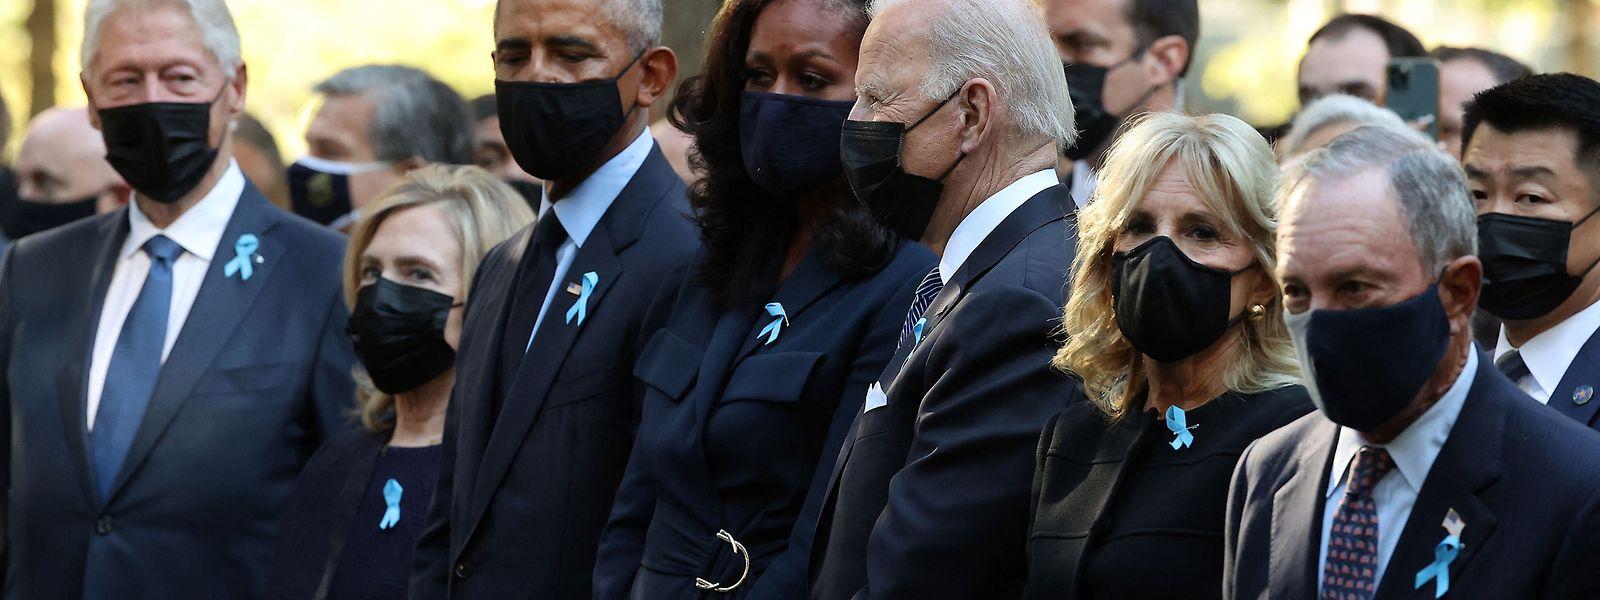 Bill Clinton (links), Barack Obama (Dritter von links) und Joe Biden (Fünfter von links) bei der Gedenkfeier zum 20. Jubiläum der Anschläge vom 11. September 2001.